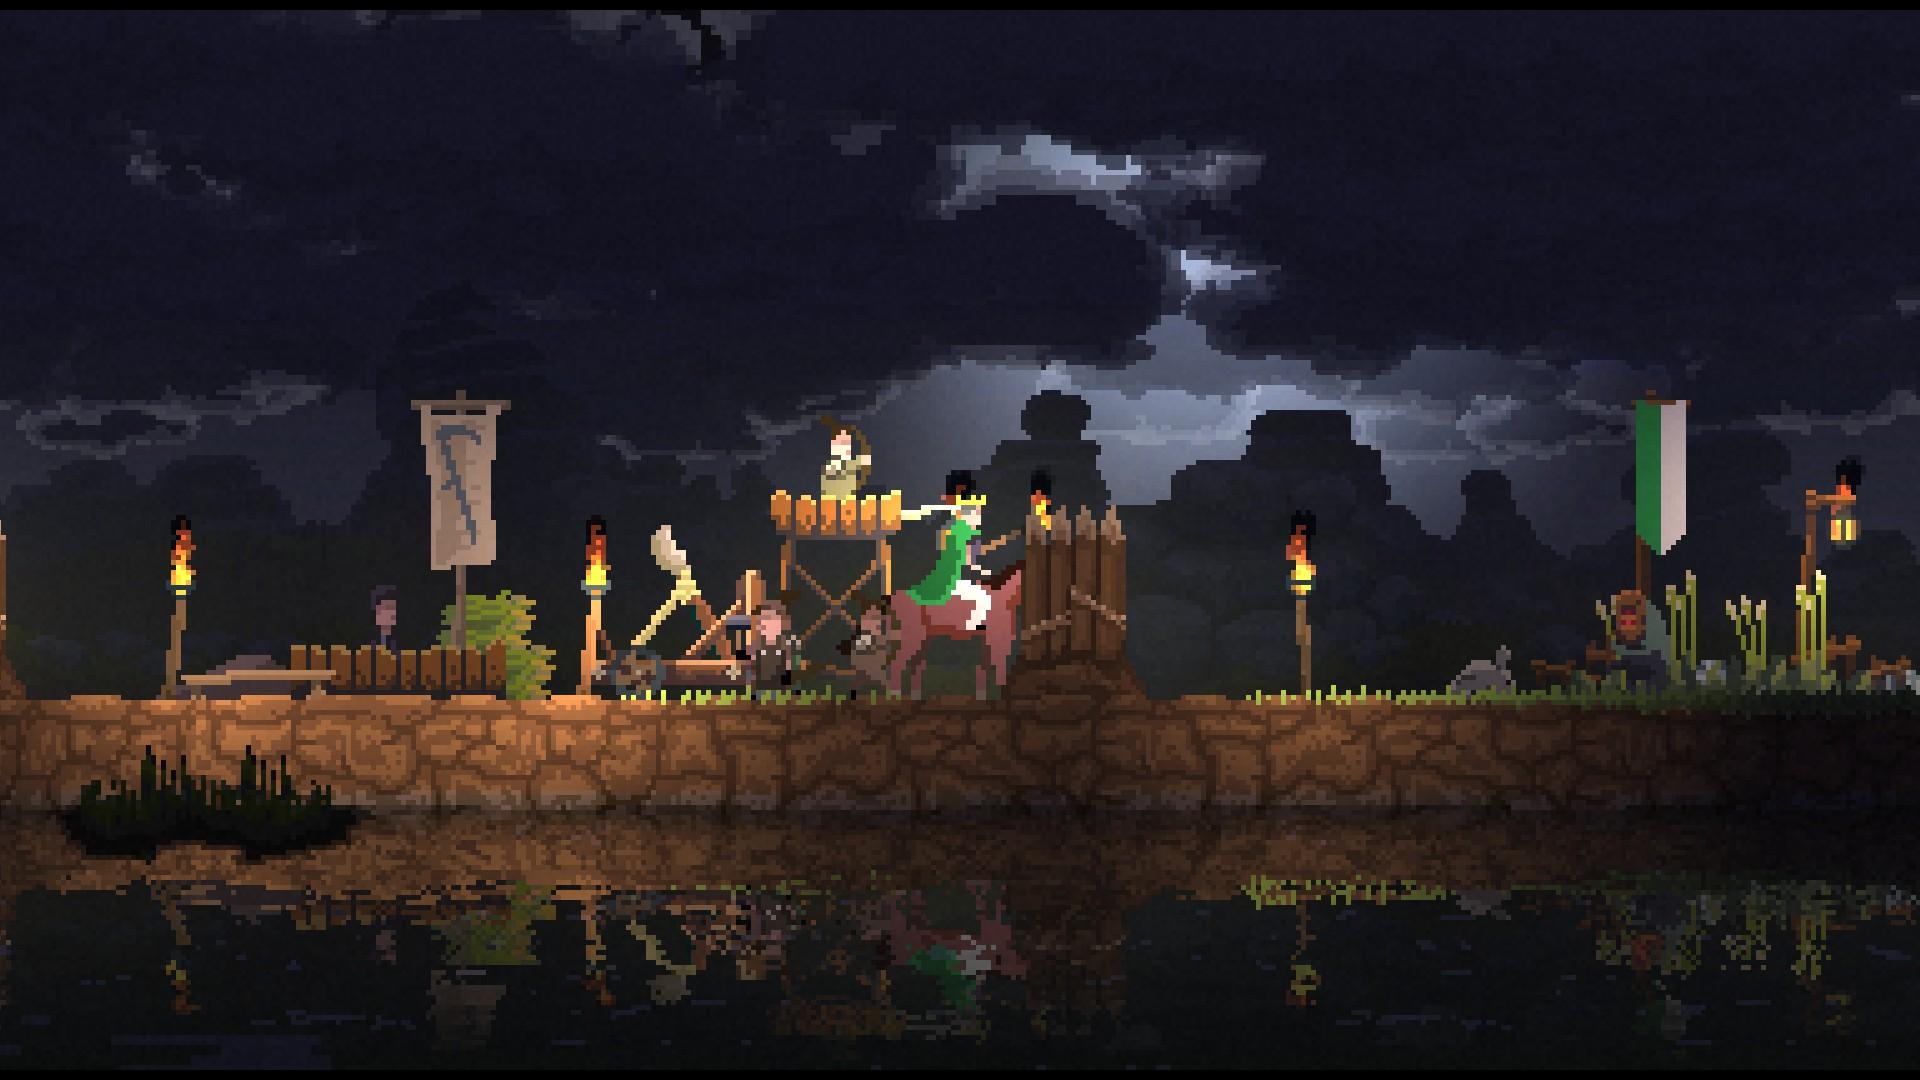 Kingdom - Verteidigung des Lagers mit schwerem Gerät